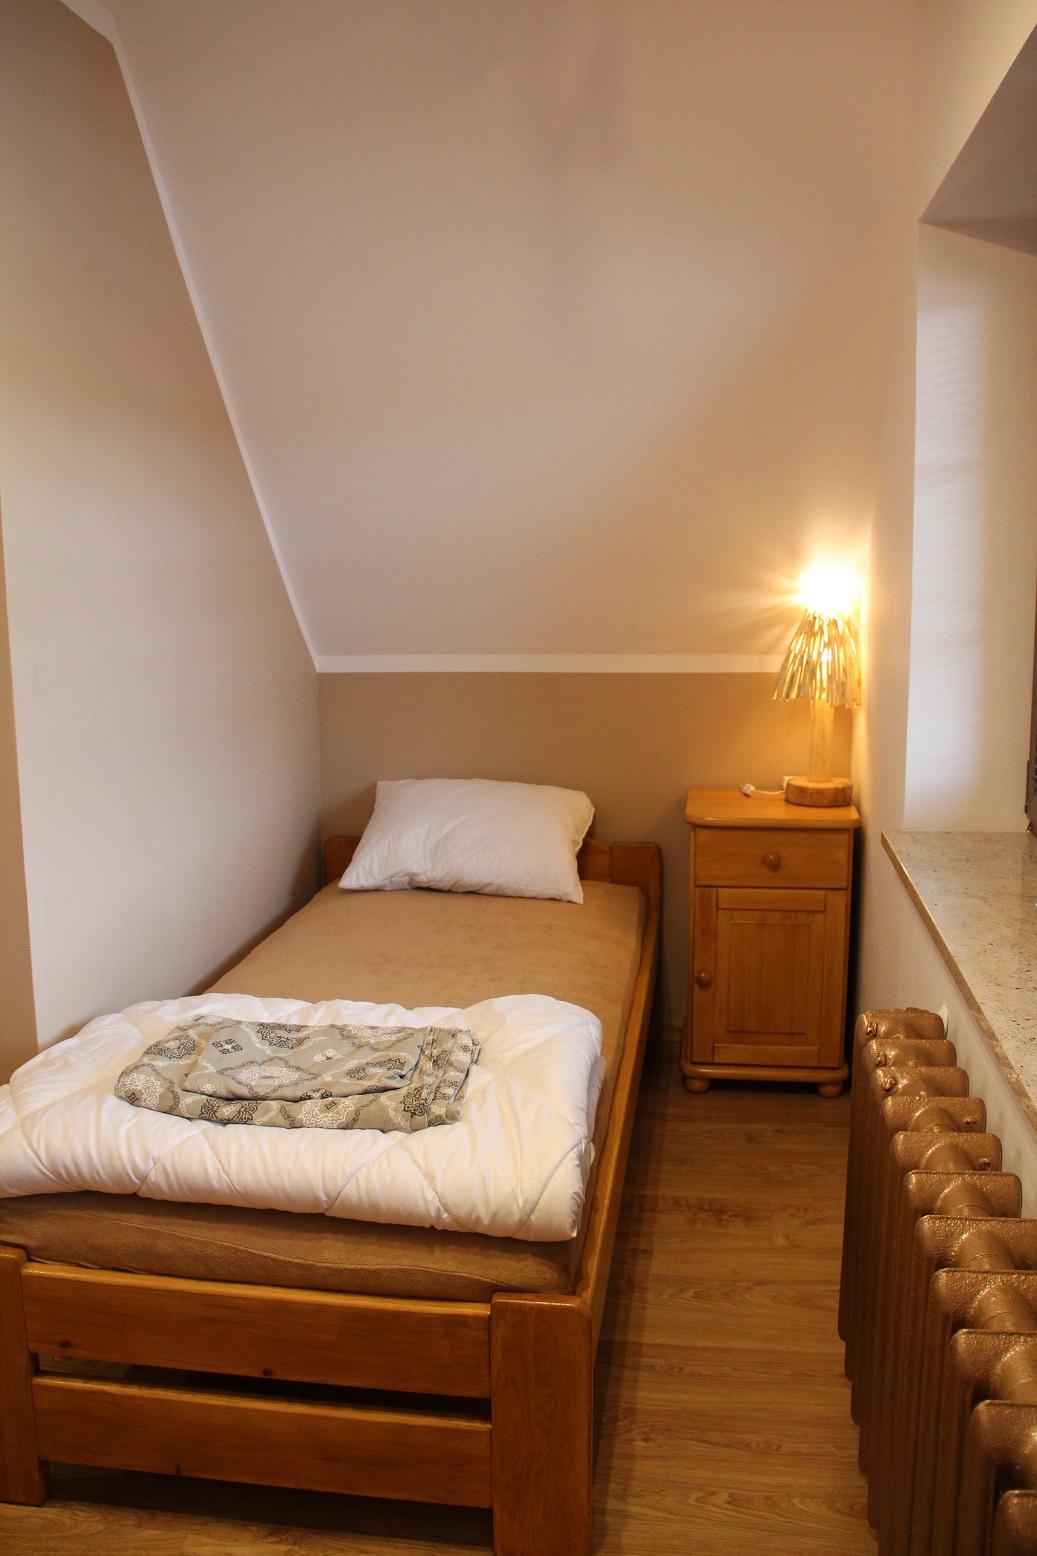 Sypialnia z zachodzacym sloncem...